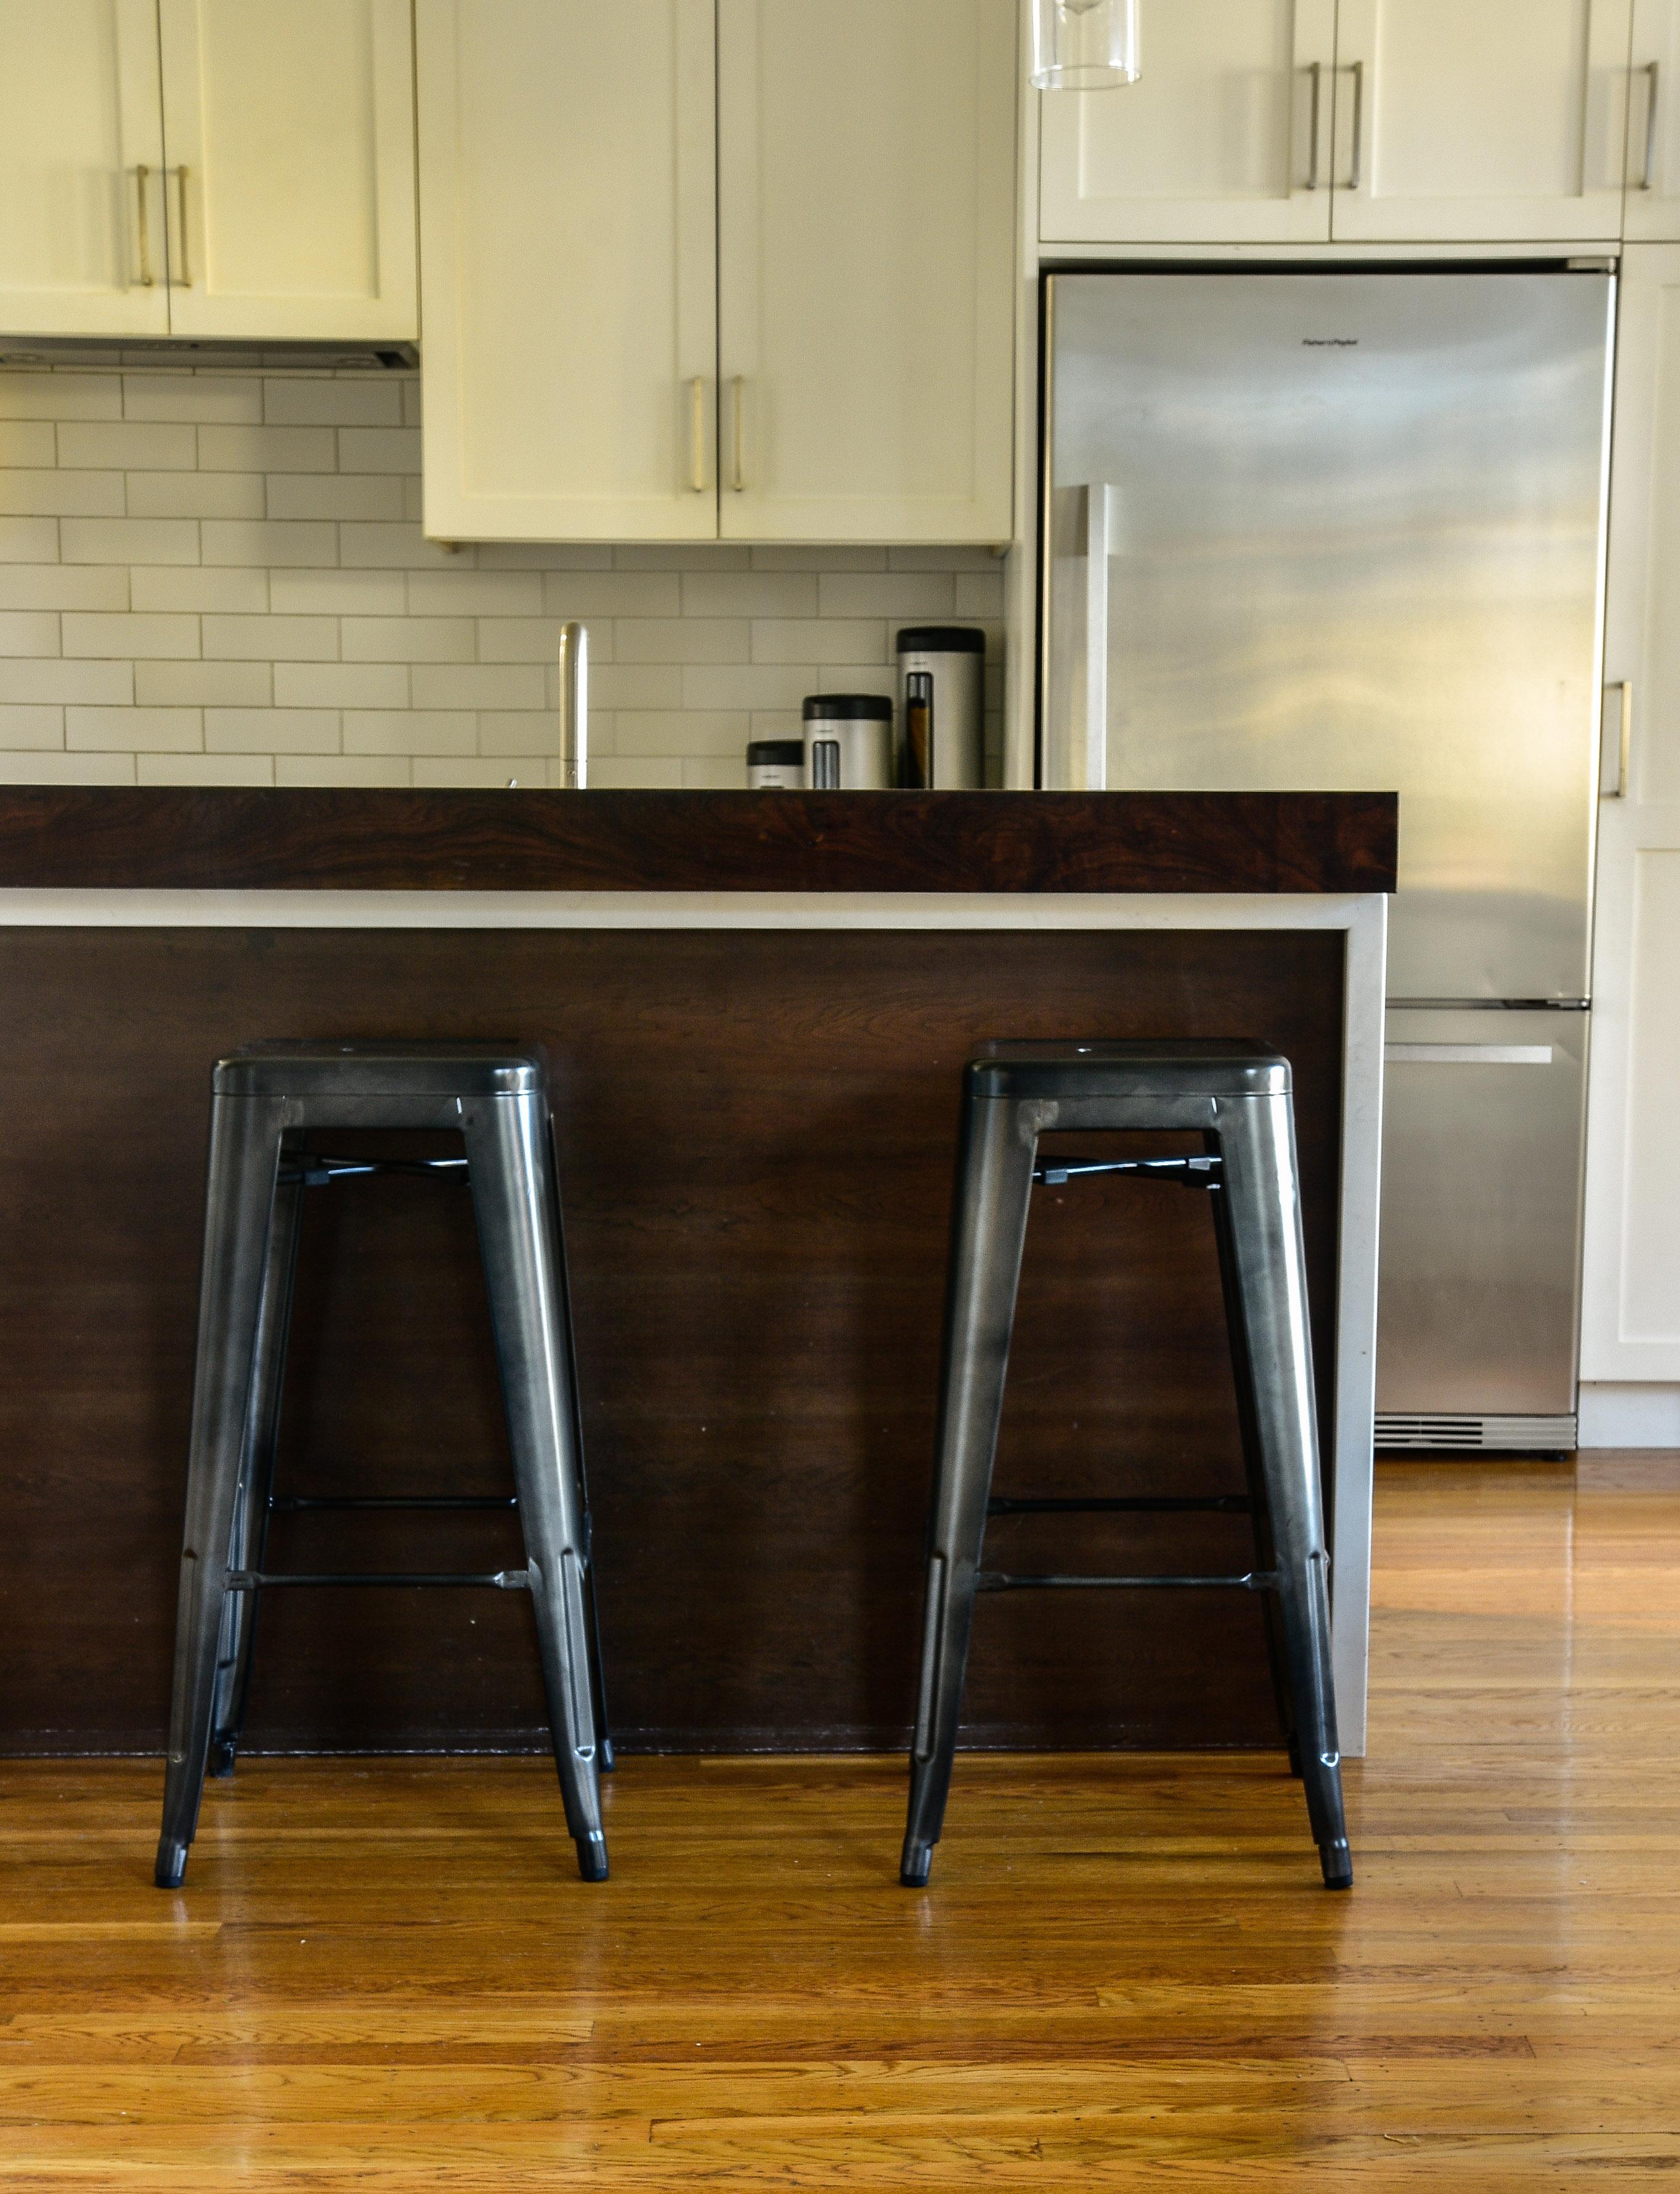 Tall metal bar stools at kitchen counter